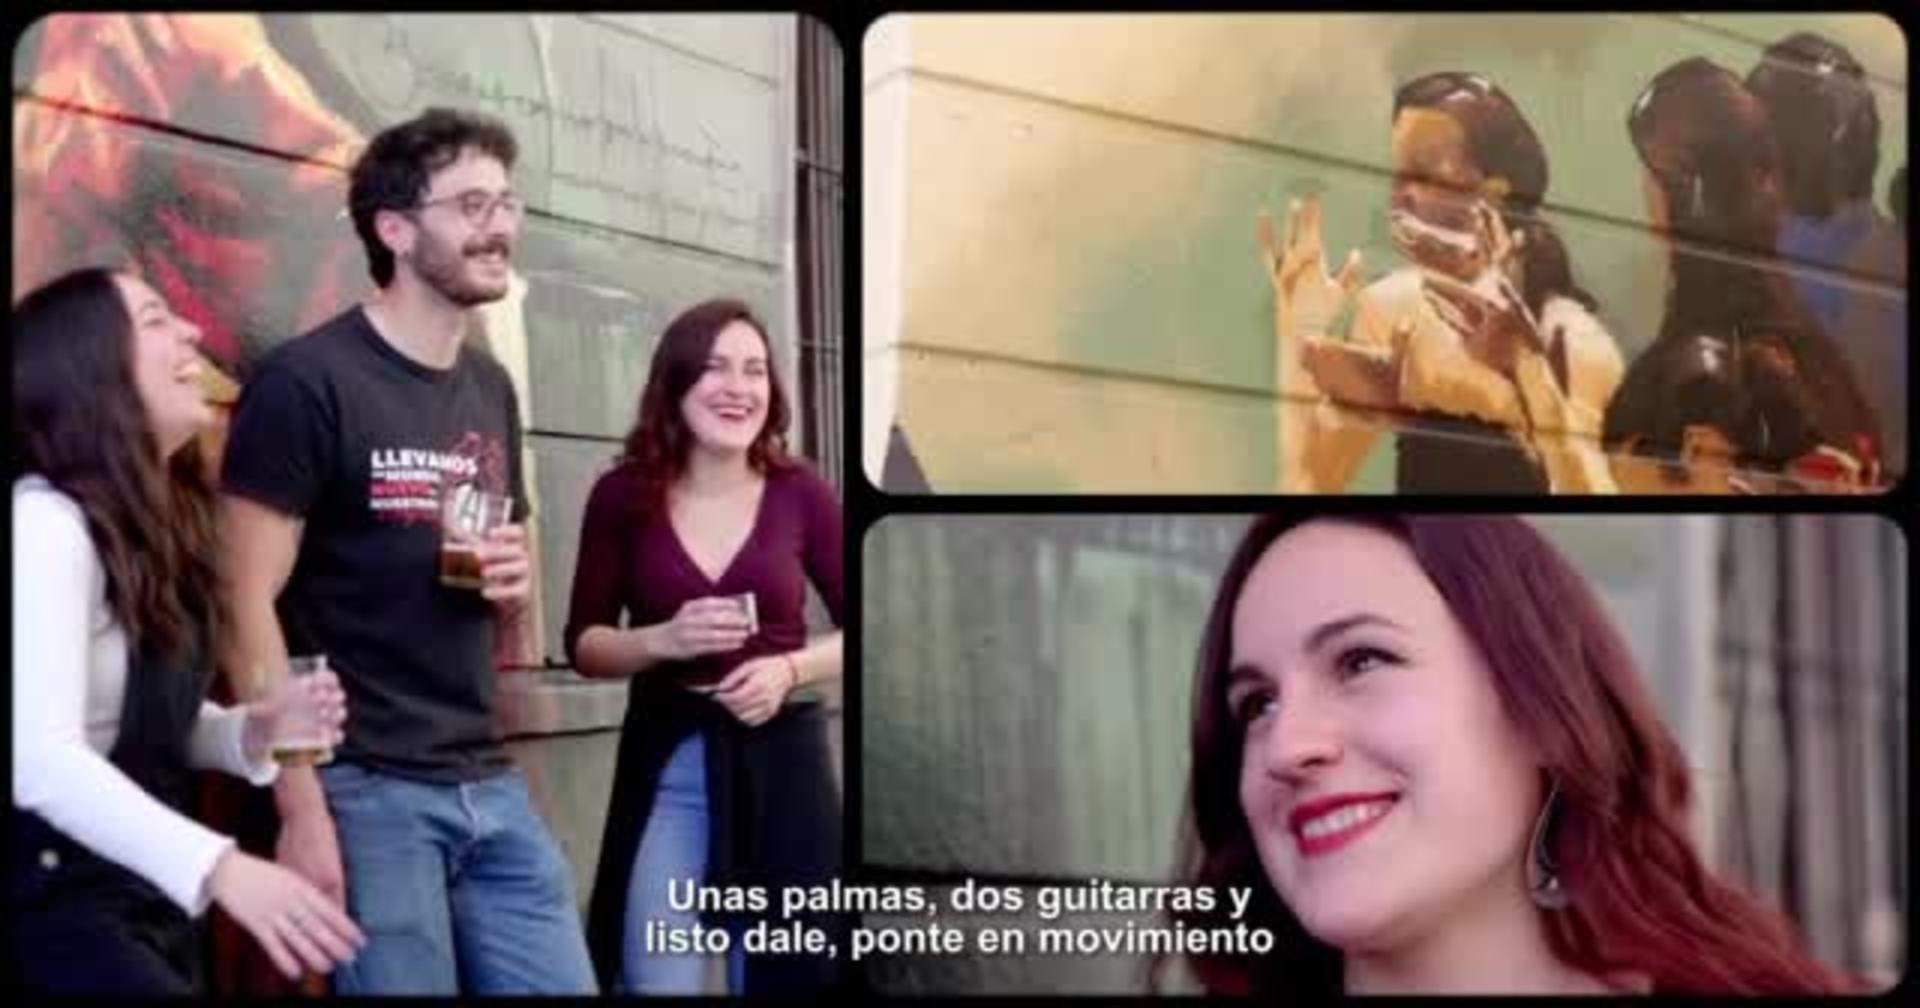 'Andalucía, tierra de todos', por Pablo Sudoku y Teresa Hernández